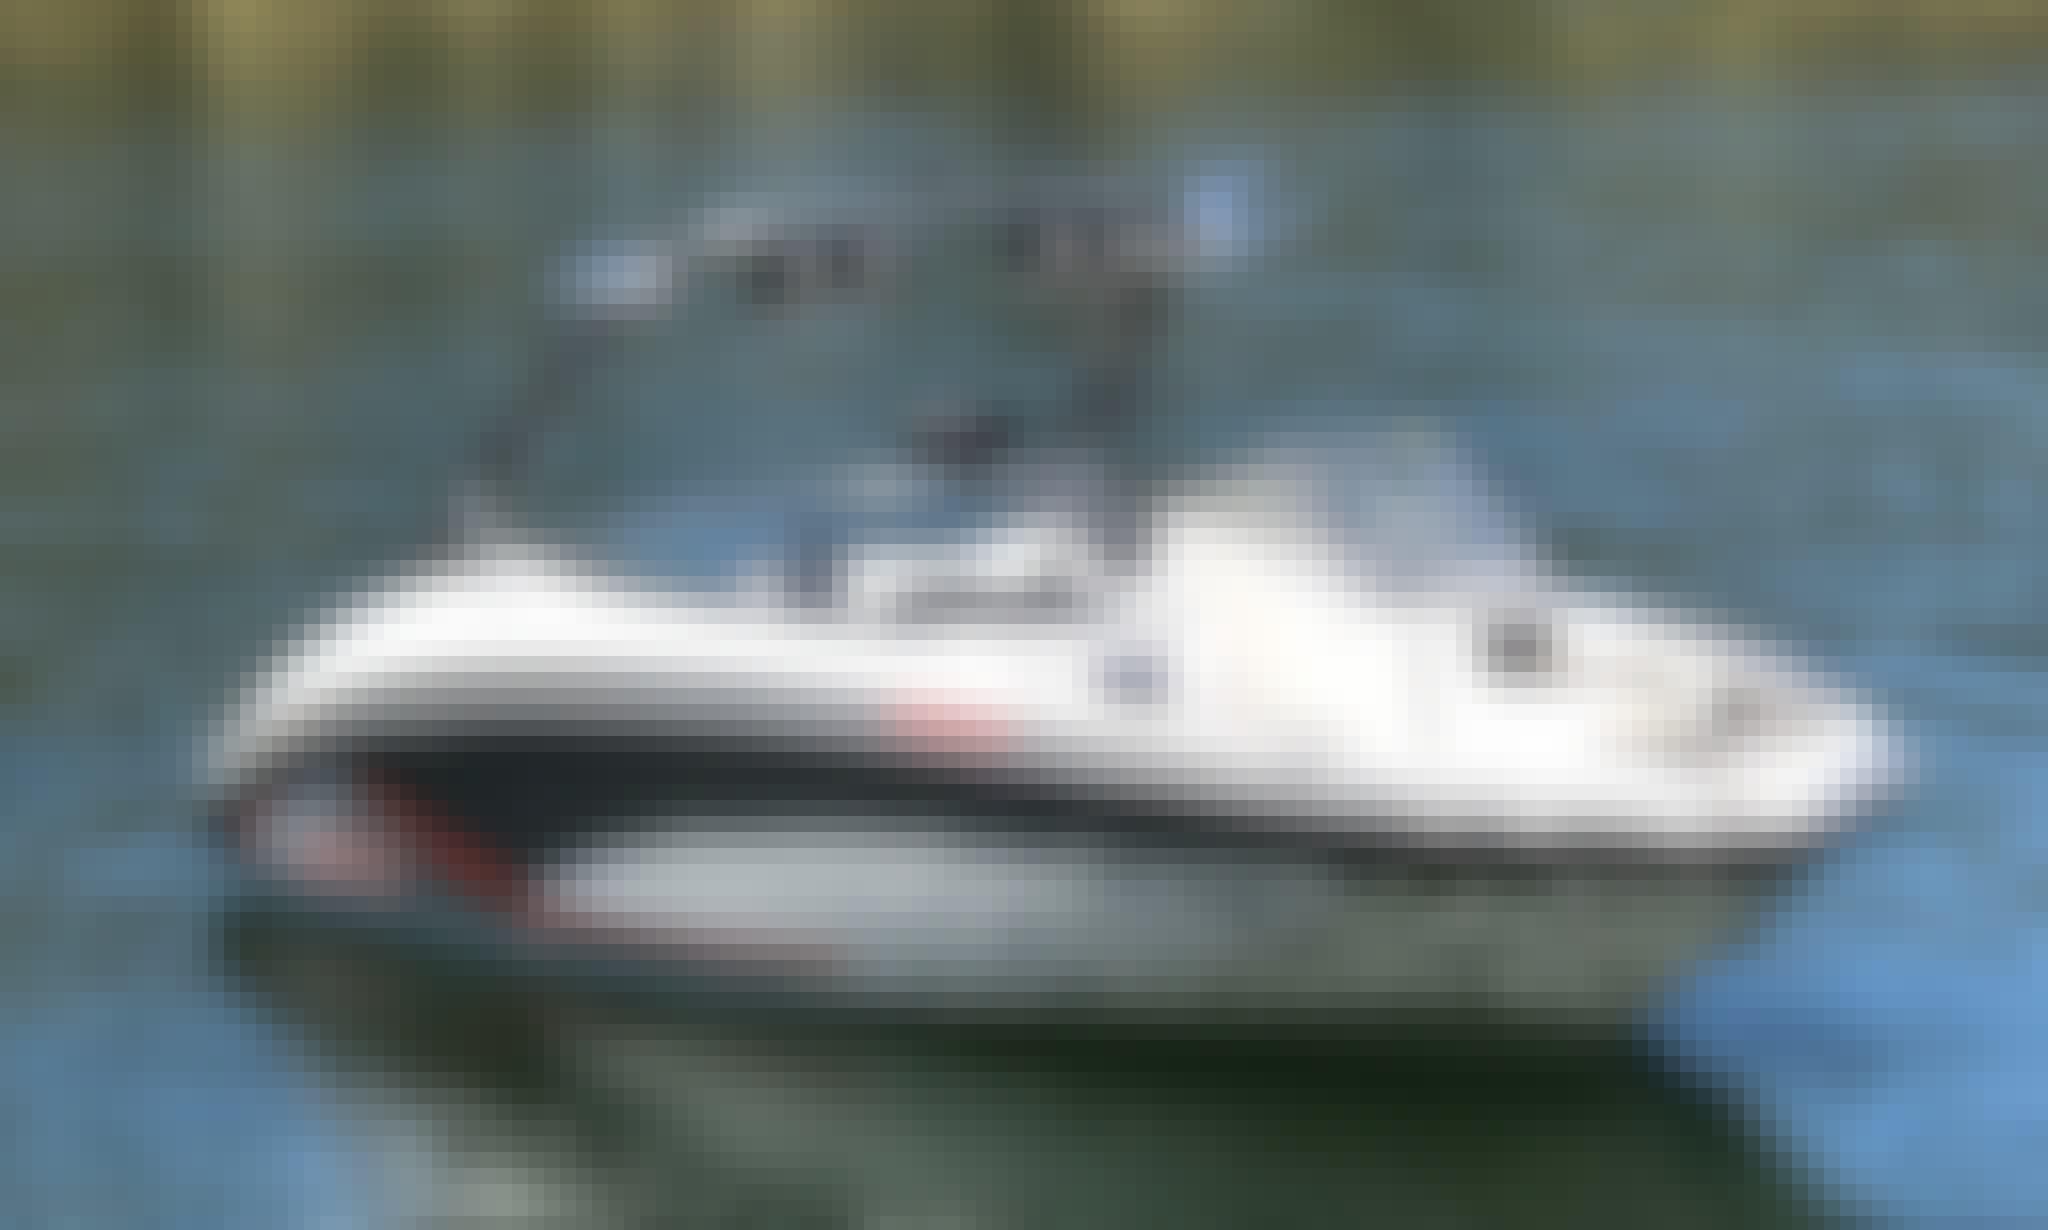 24' Yamaha Ski Boat Rental In Lake Tahoe w Bimini Top